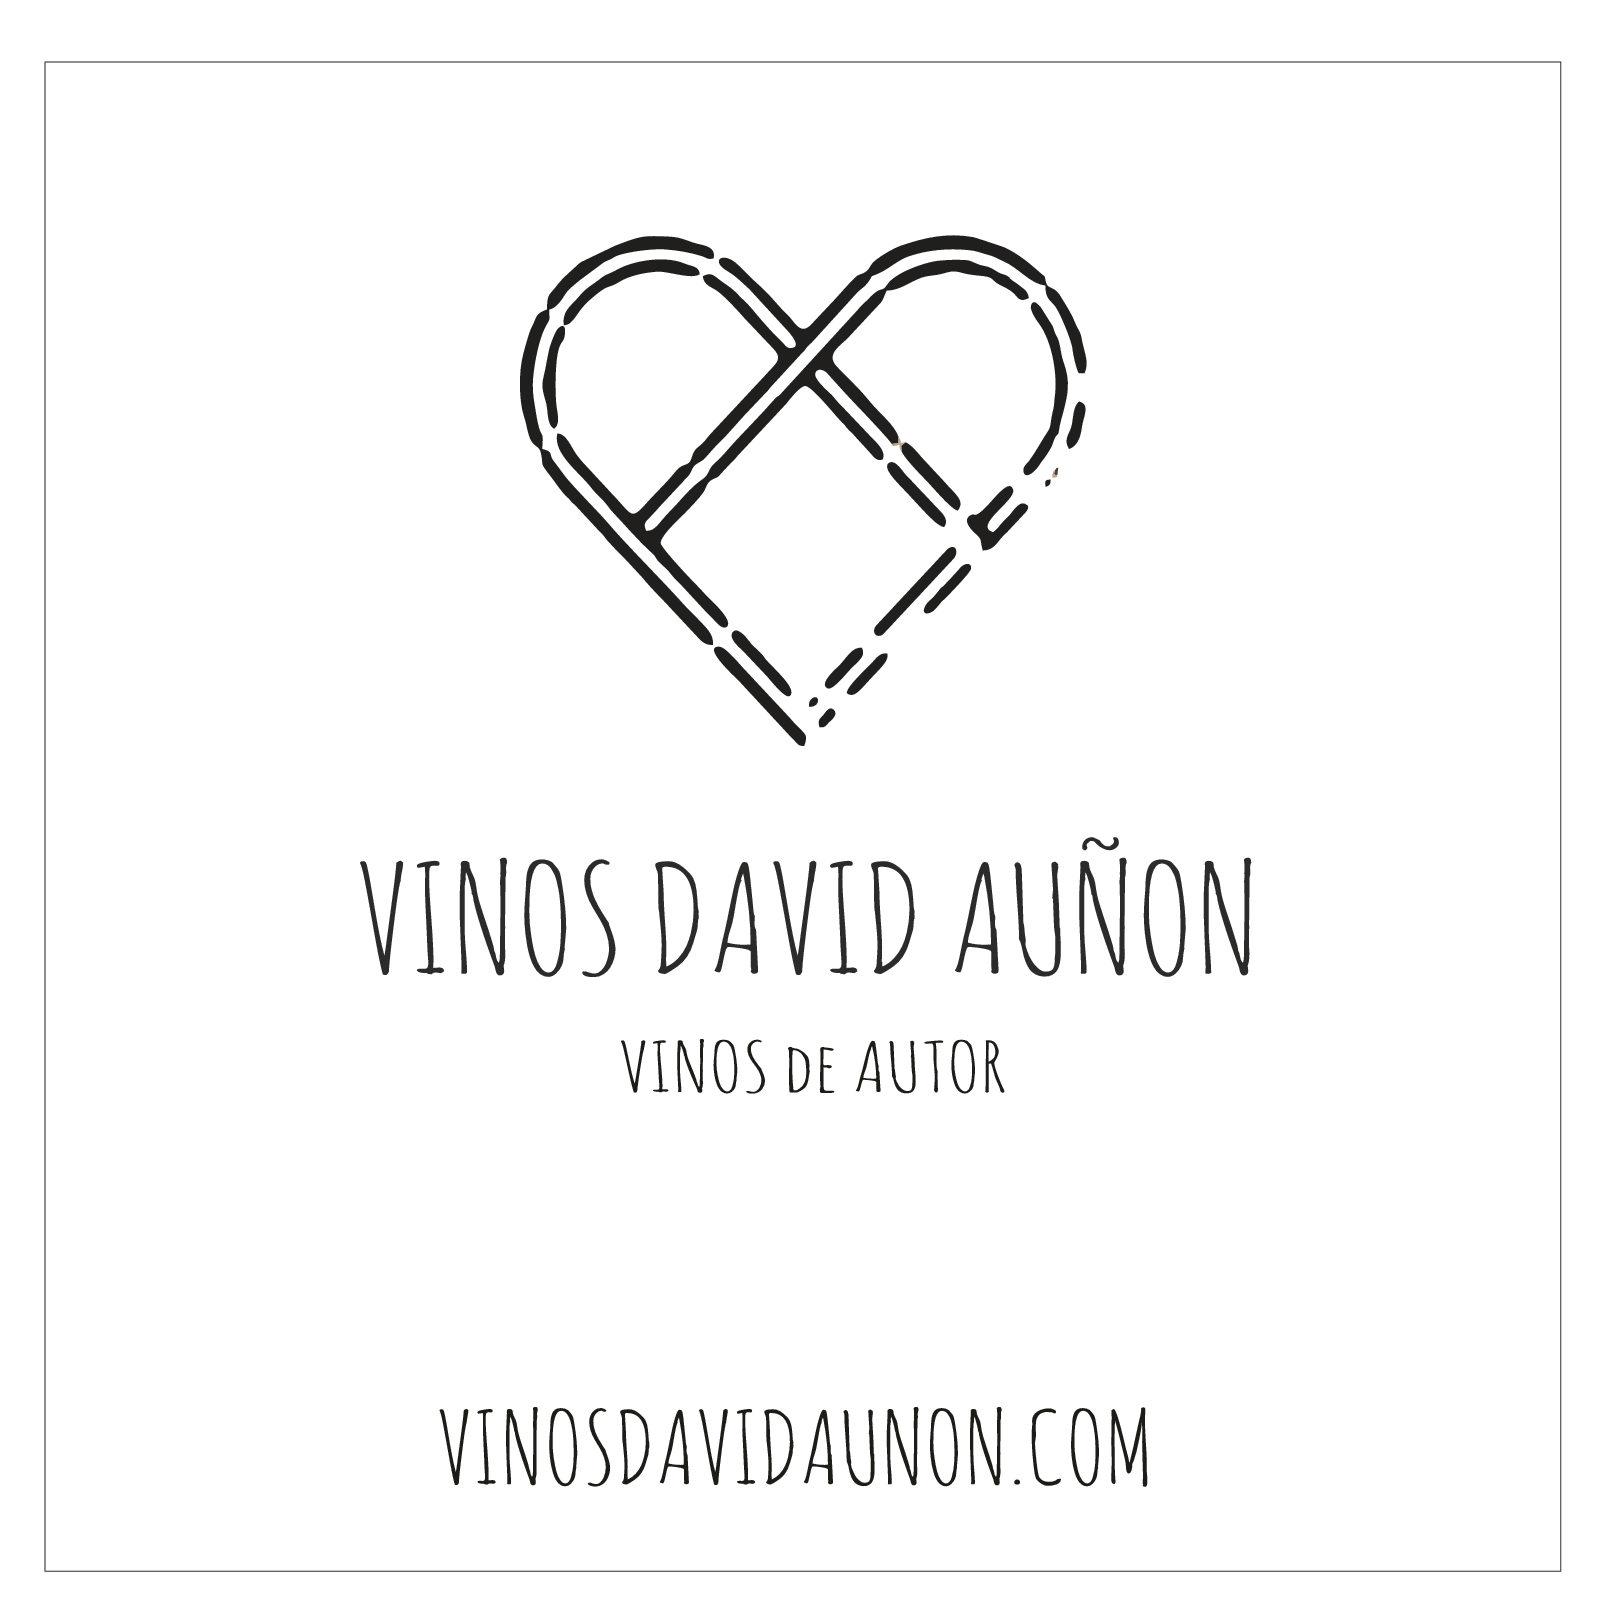 David Auñon